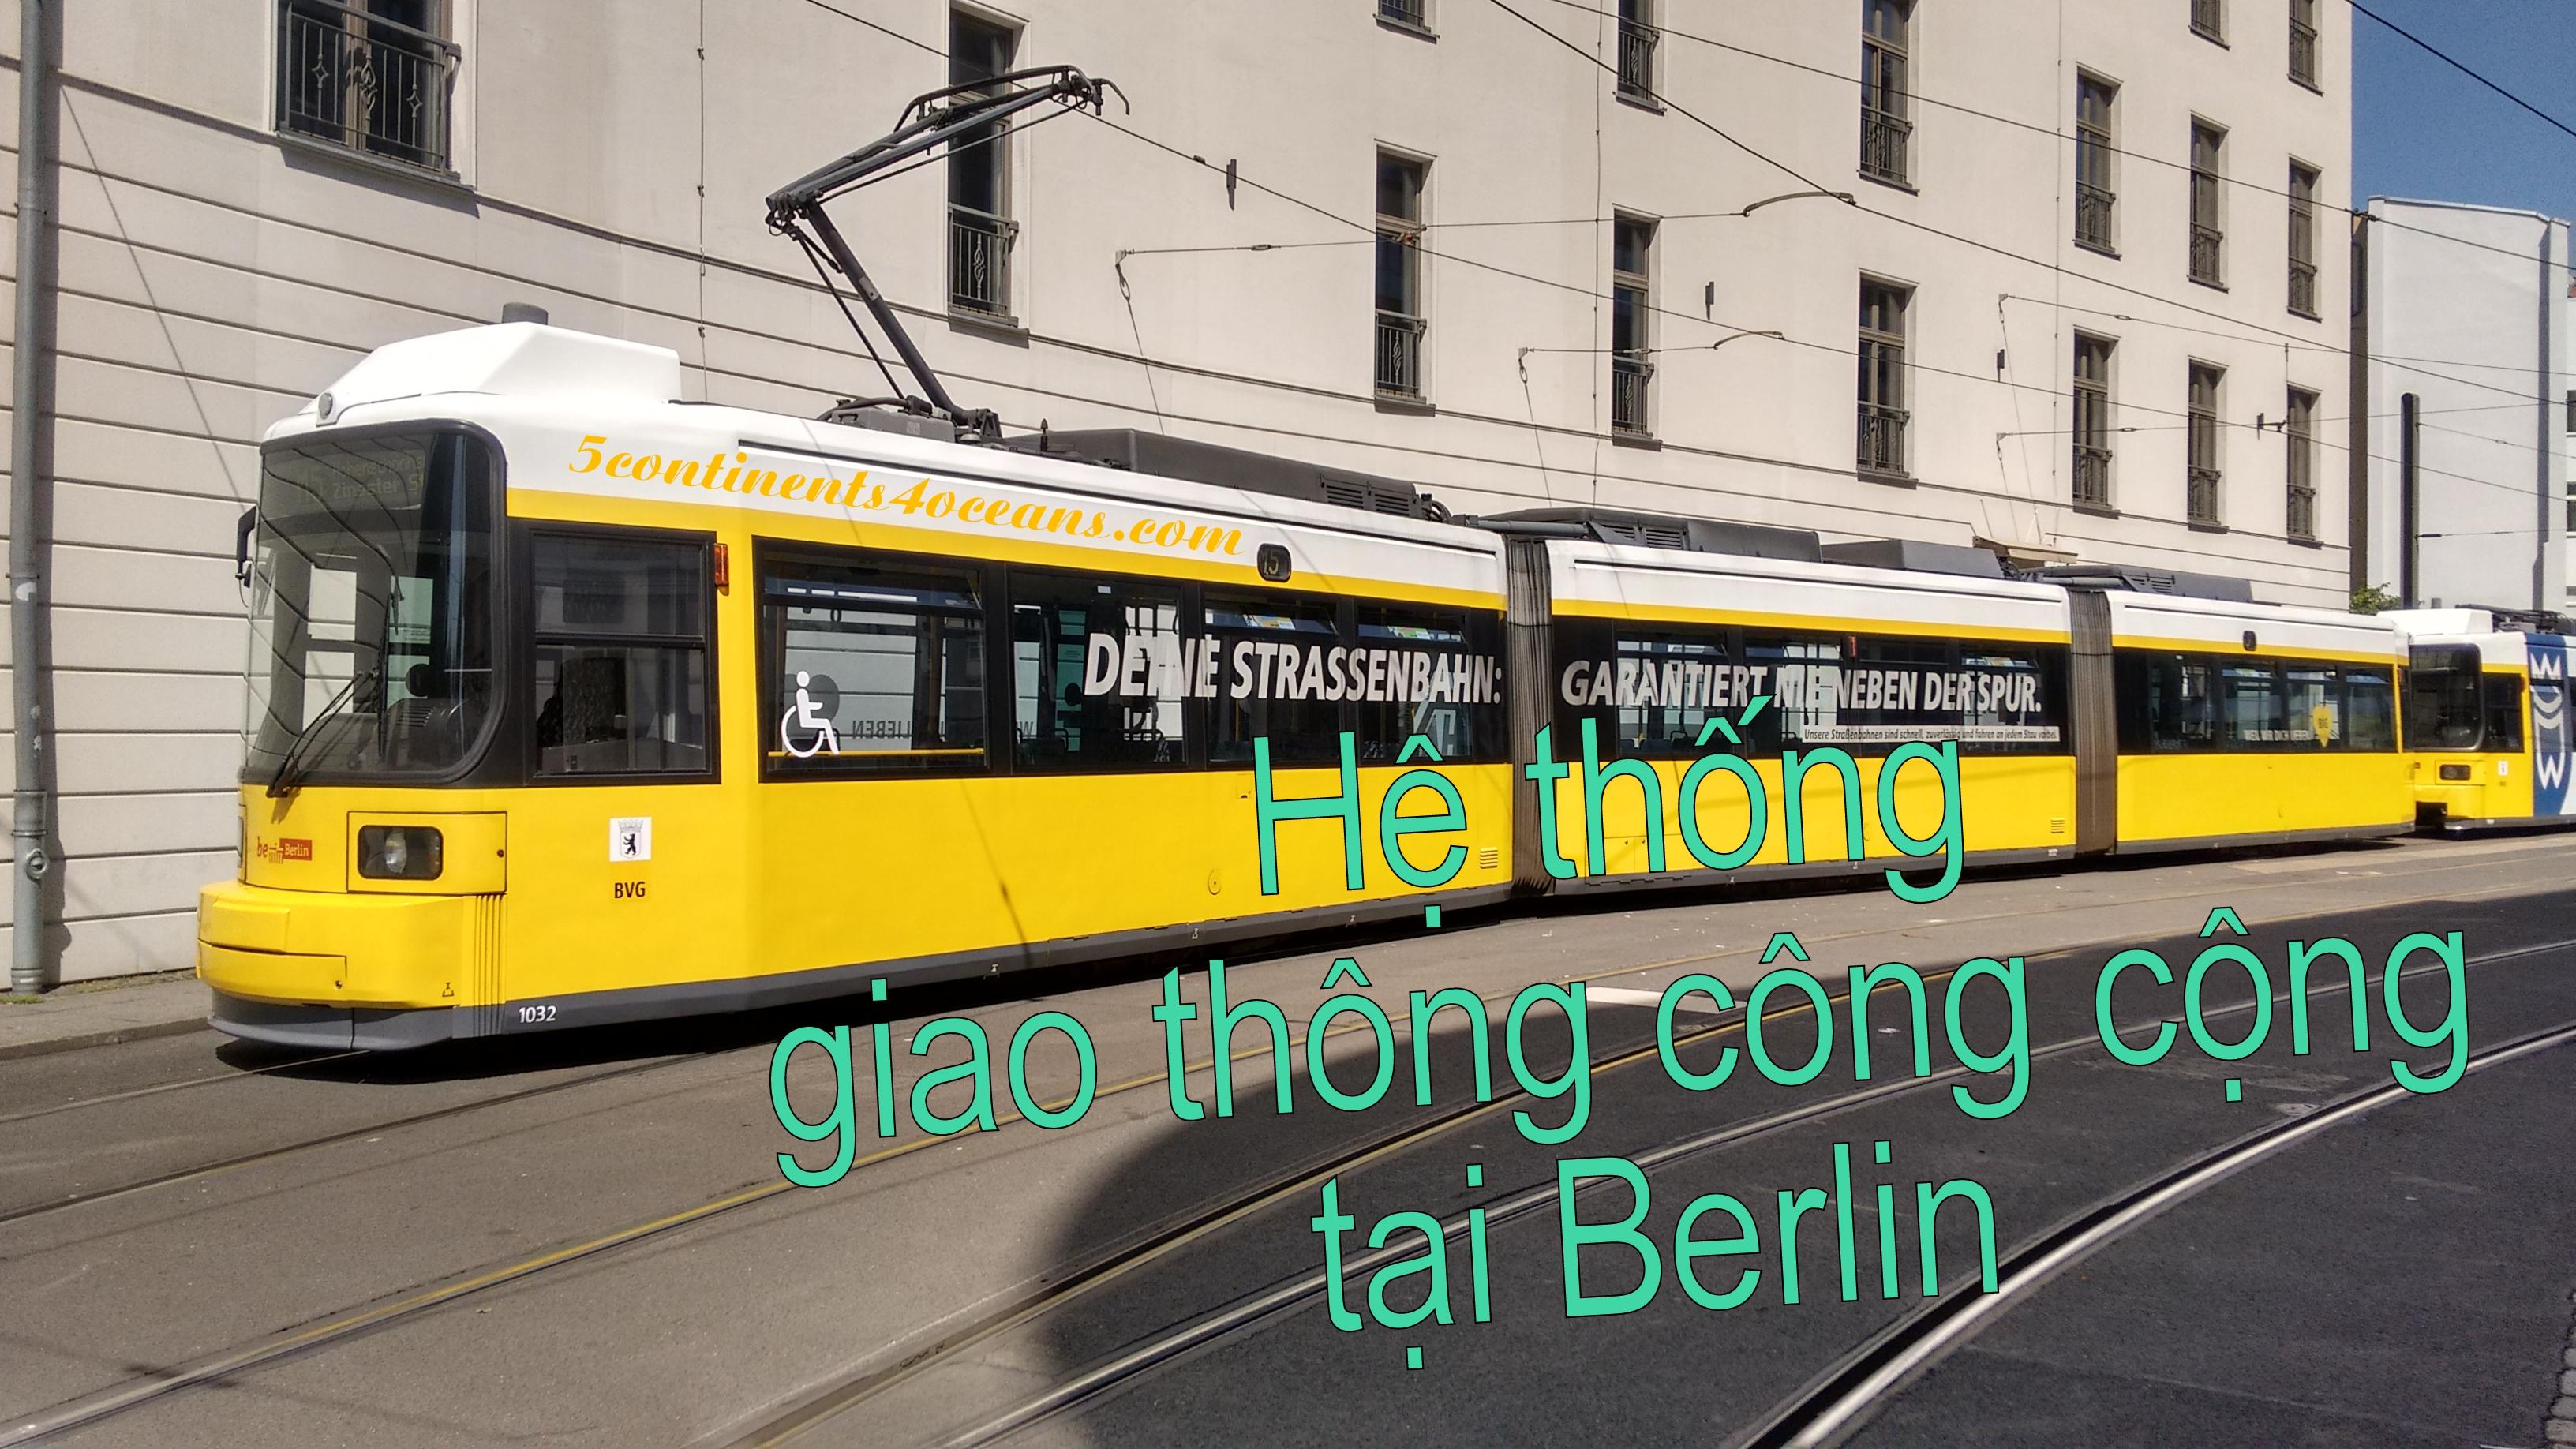 Hệ thống giao thông công cộng tại Berlin